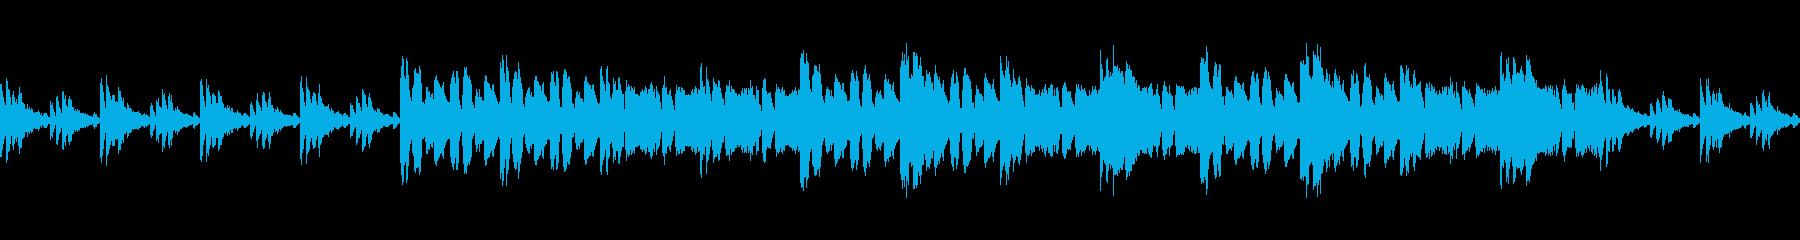 印象的なリズム刻みな曲の再生済みの波形